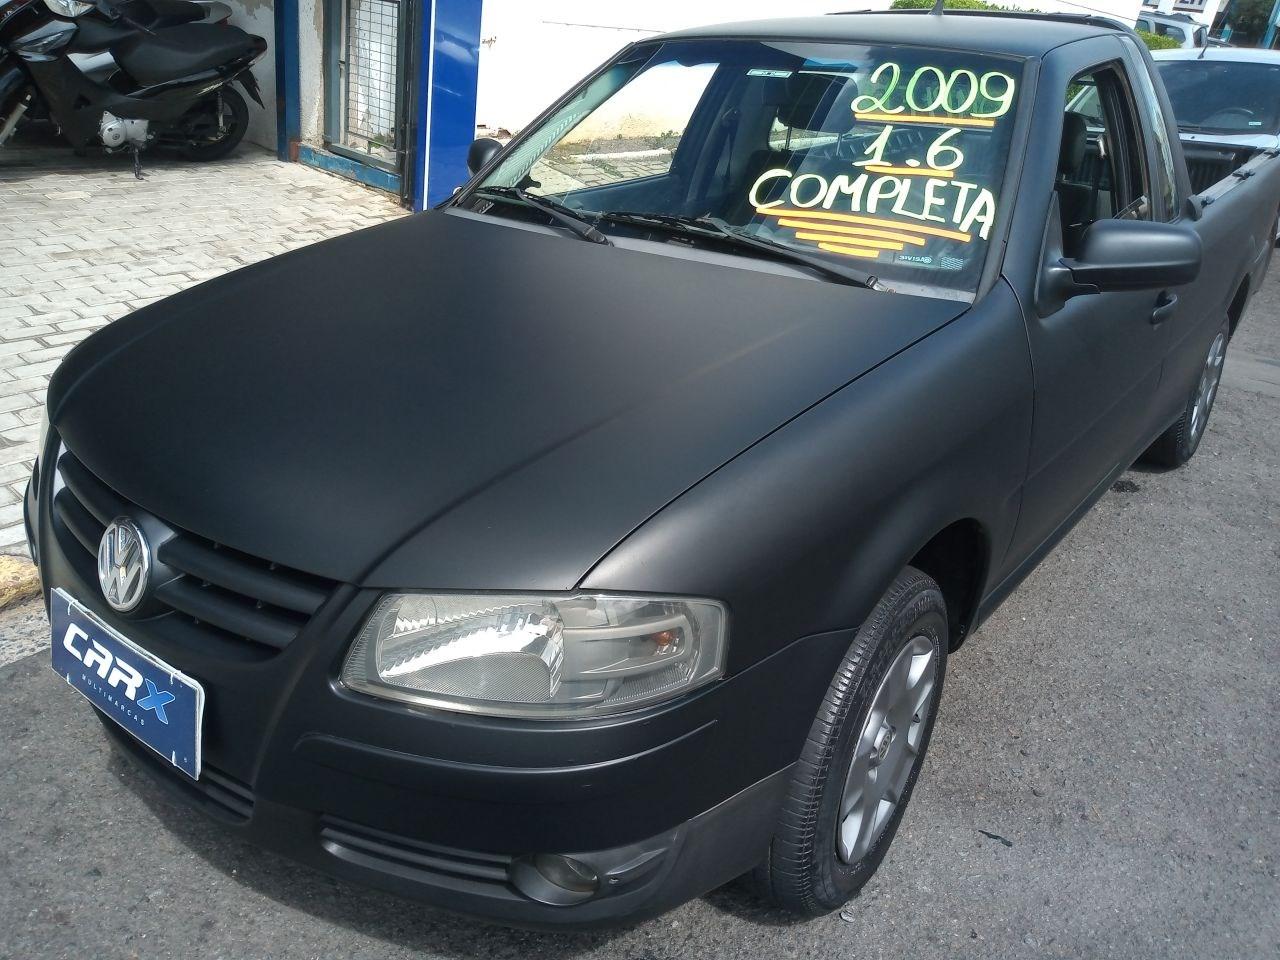 //www.autoline.com.br/carro/volkswagen/saveiro-16-8v-flex-2p-manual/2009/salto-sp/14000823